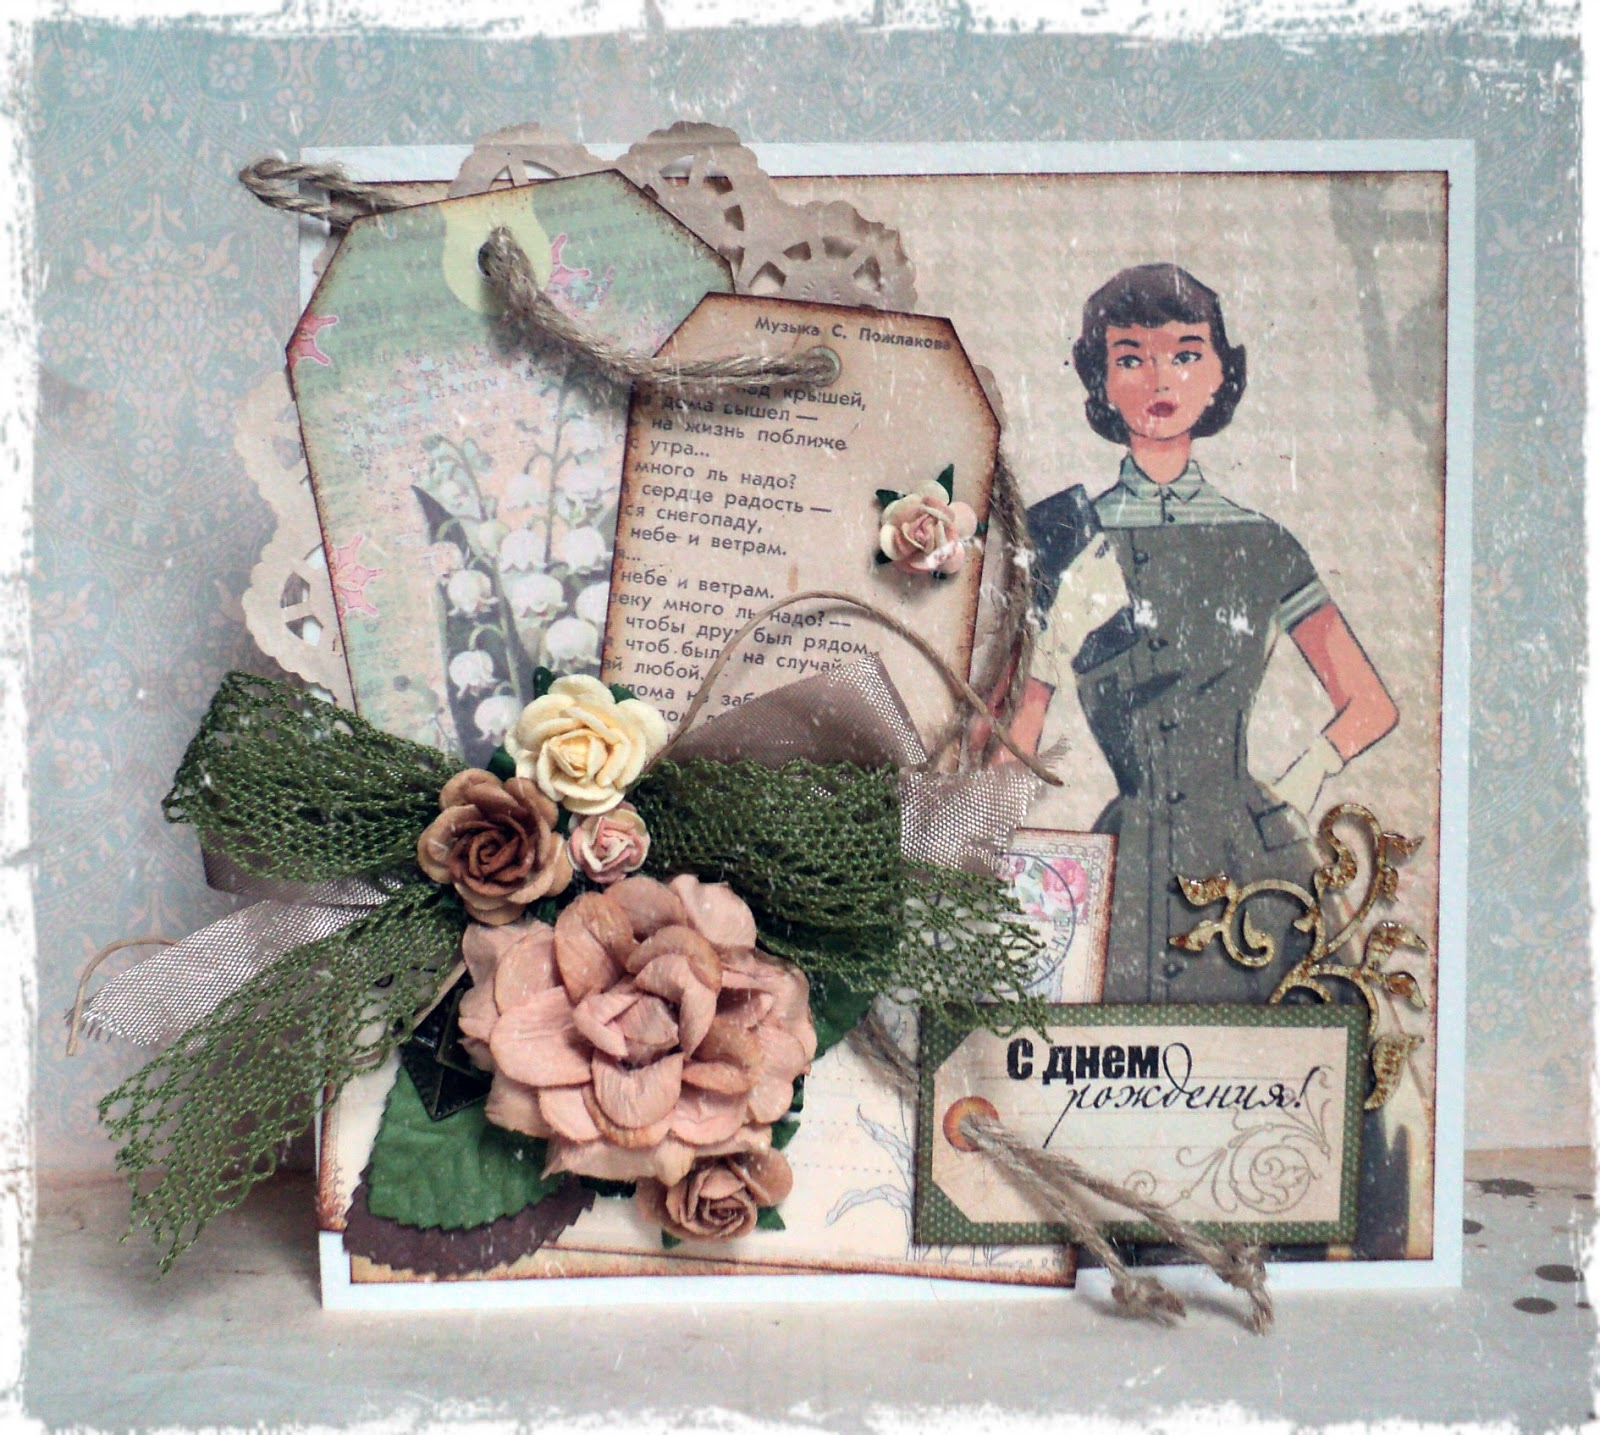 Комнатные цветы фото и названия шефлера